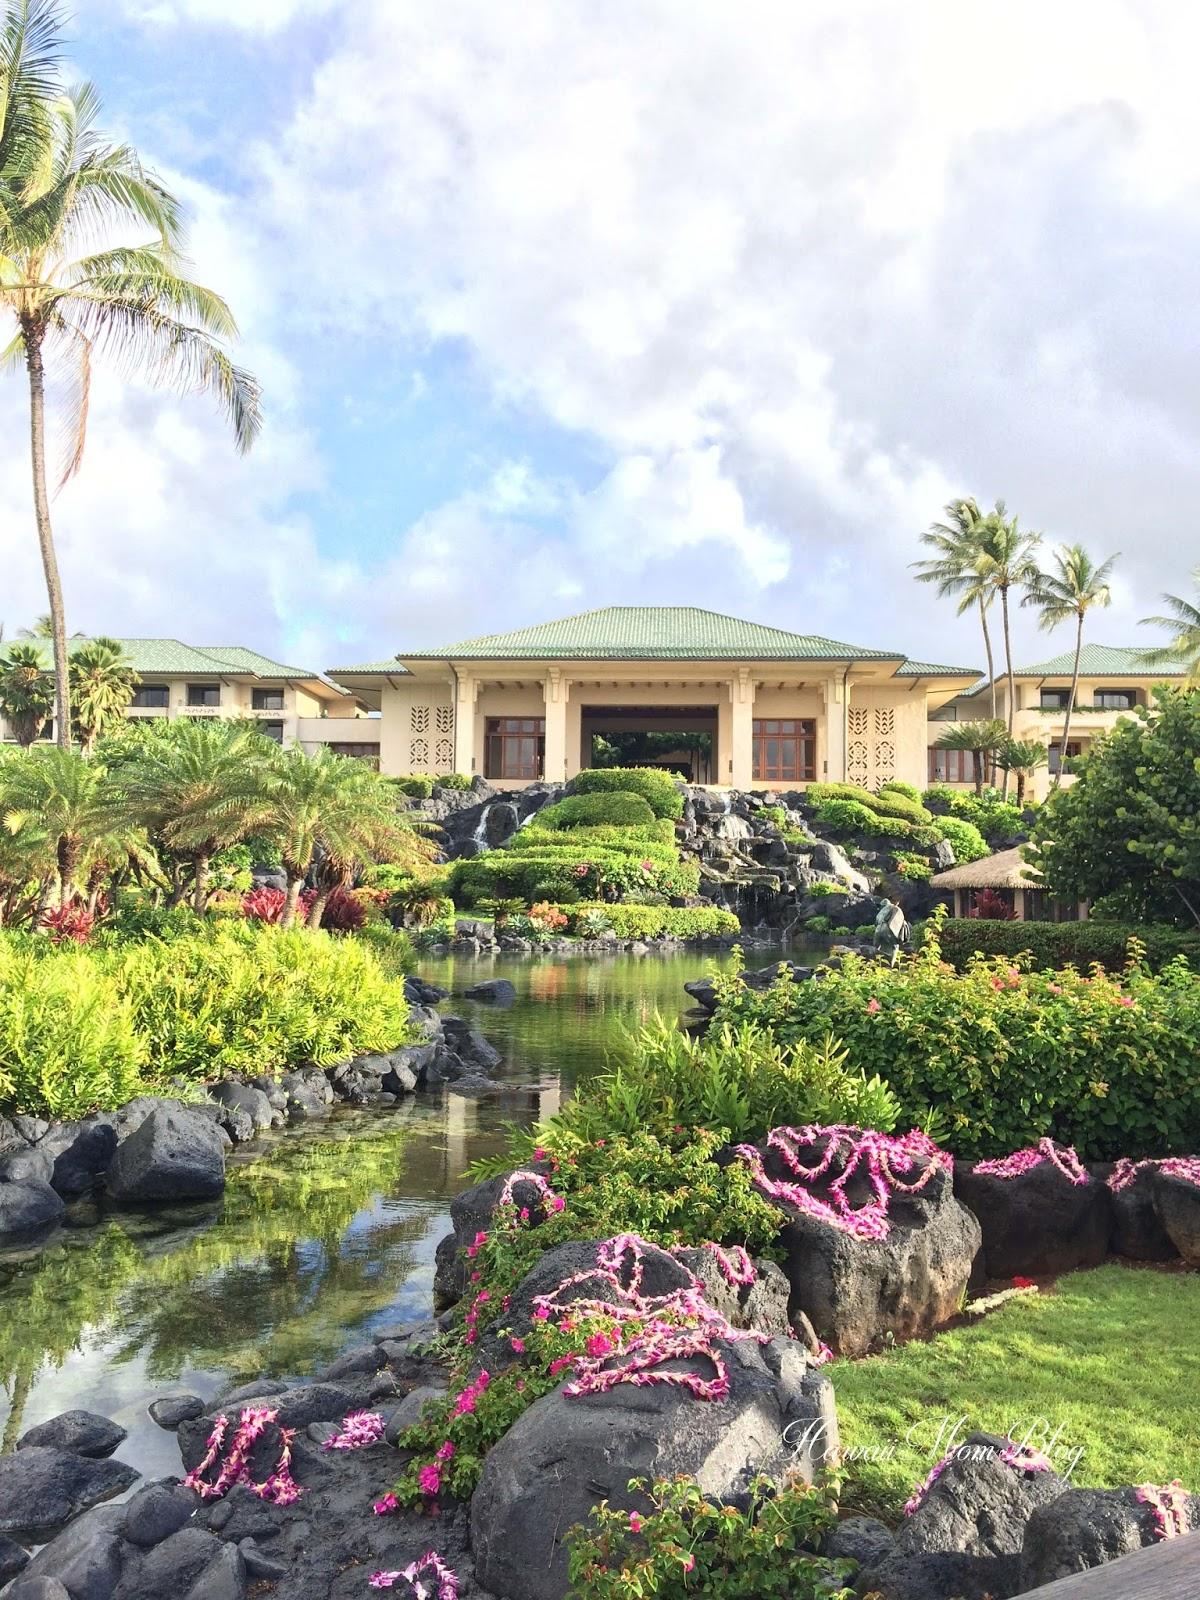 Hawaii Mom Blog: Visit Kauai: The Grand Hyatt Kauai Resort & Spa - A ...